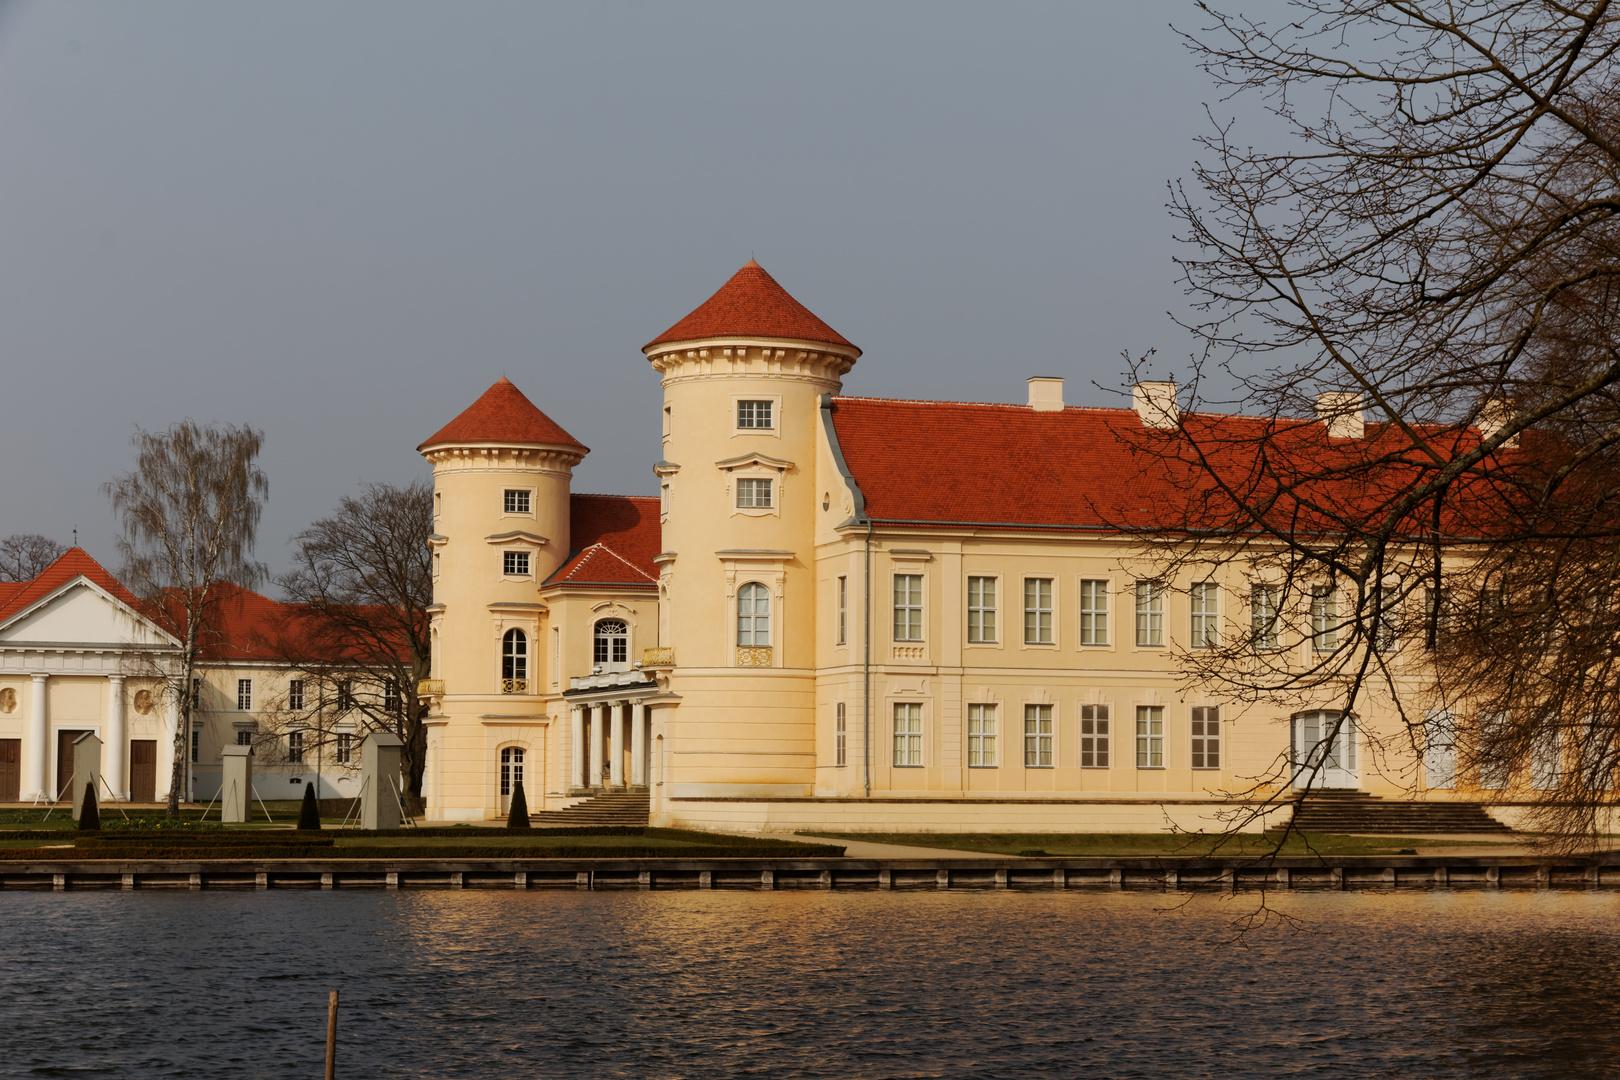 Rheinsberg II